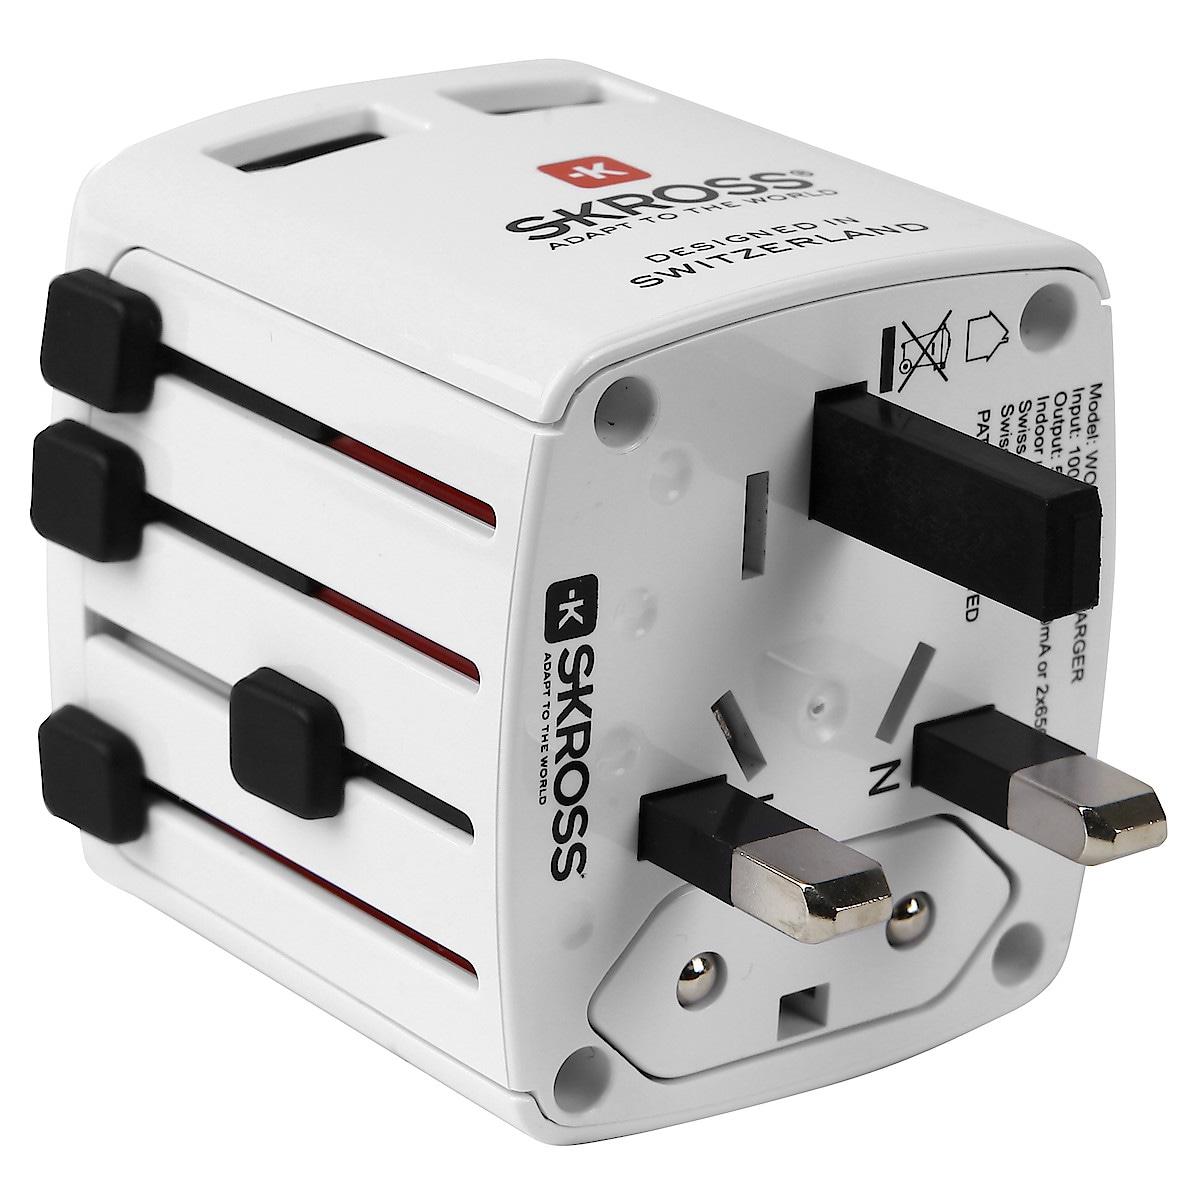 SKROSS World USB charger reiselader